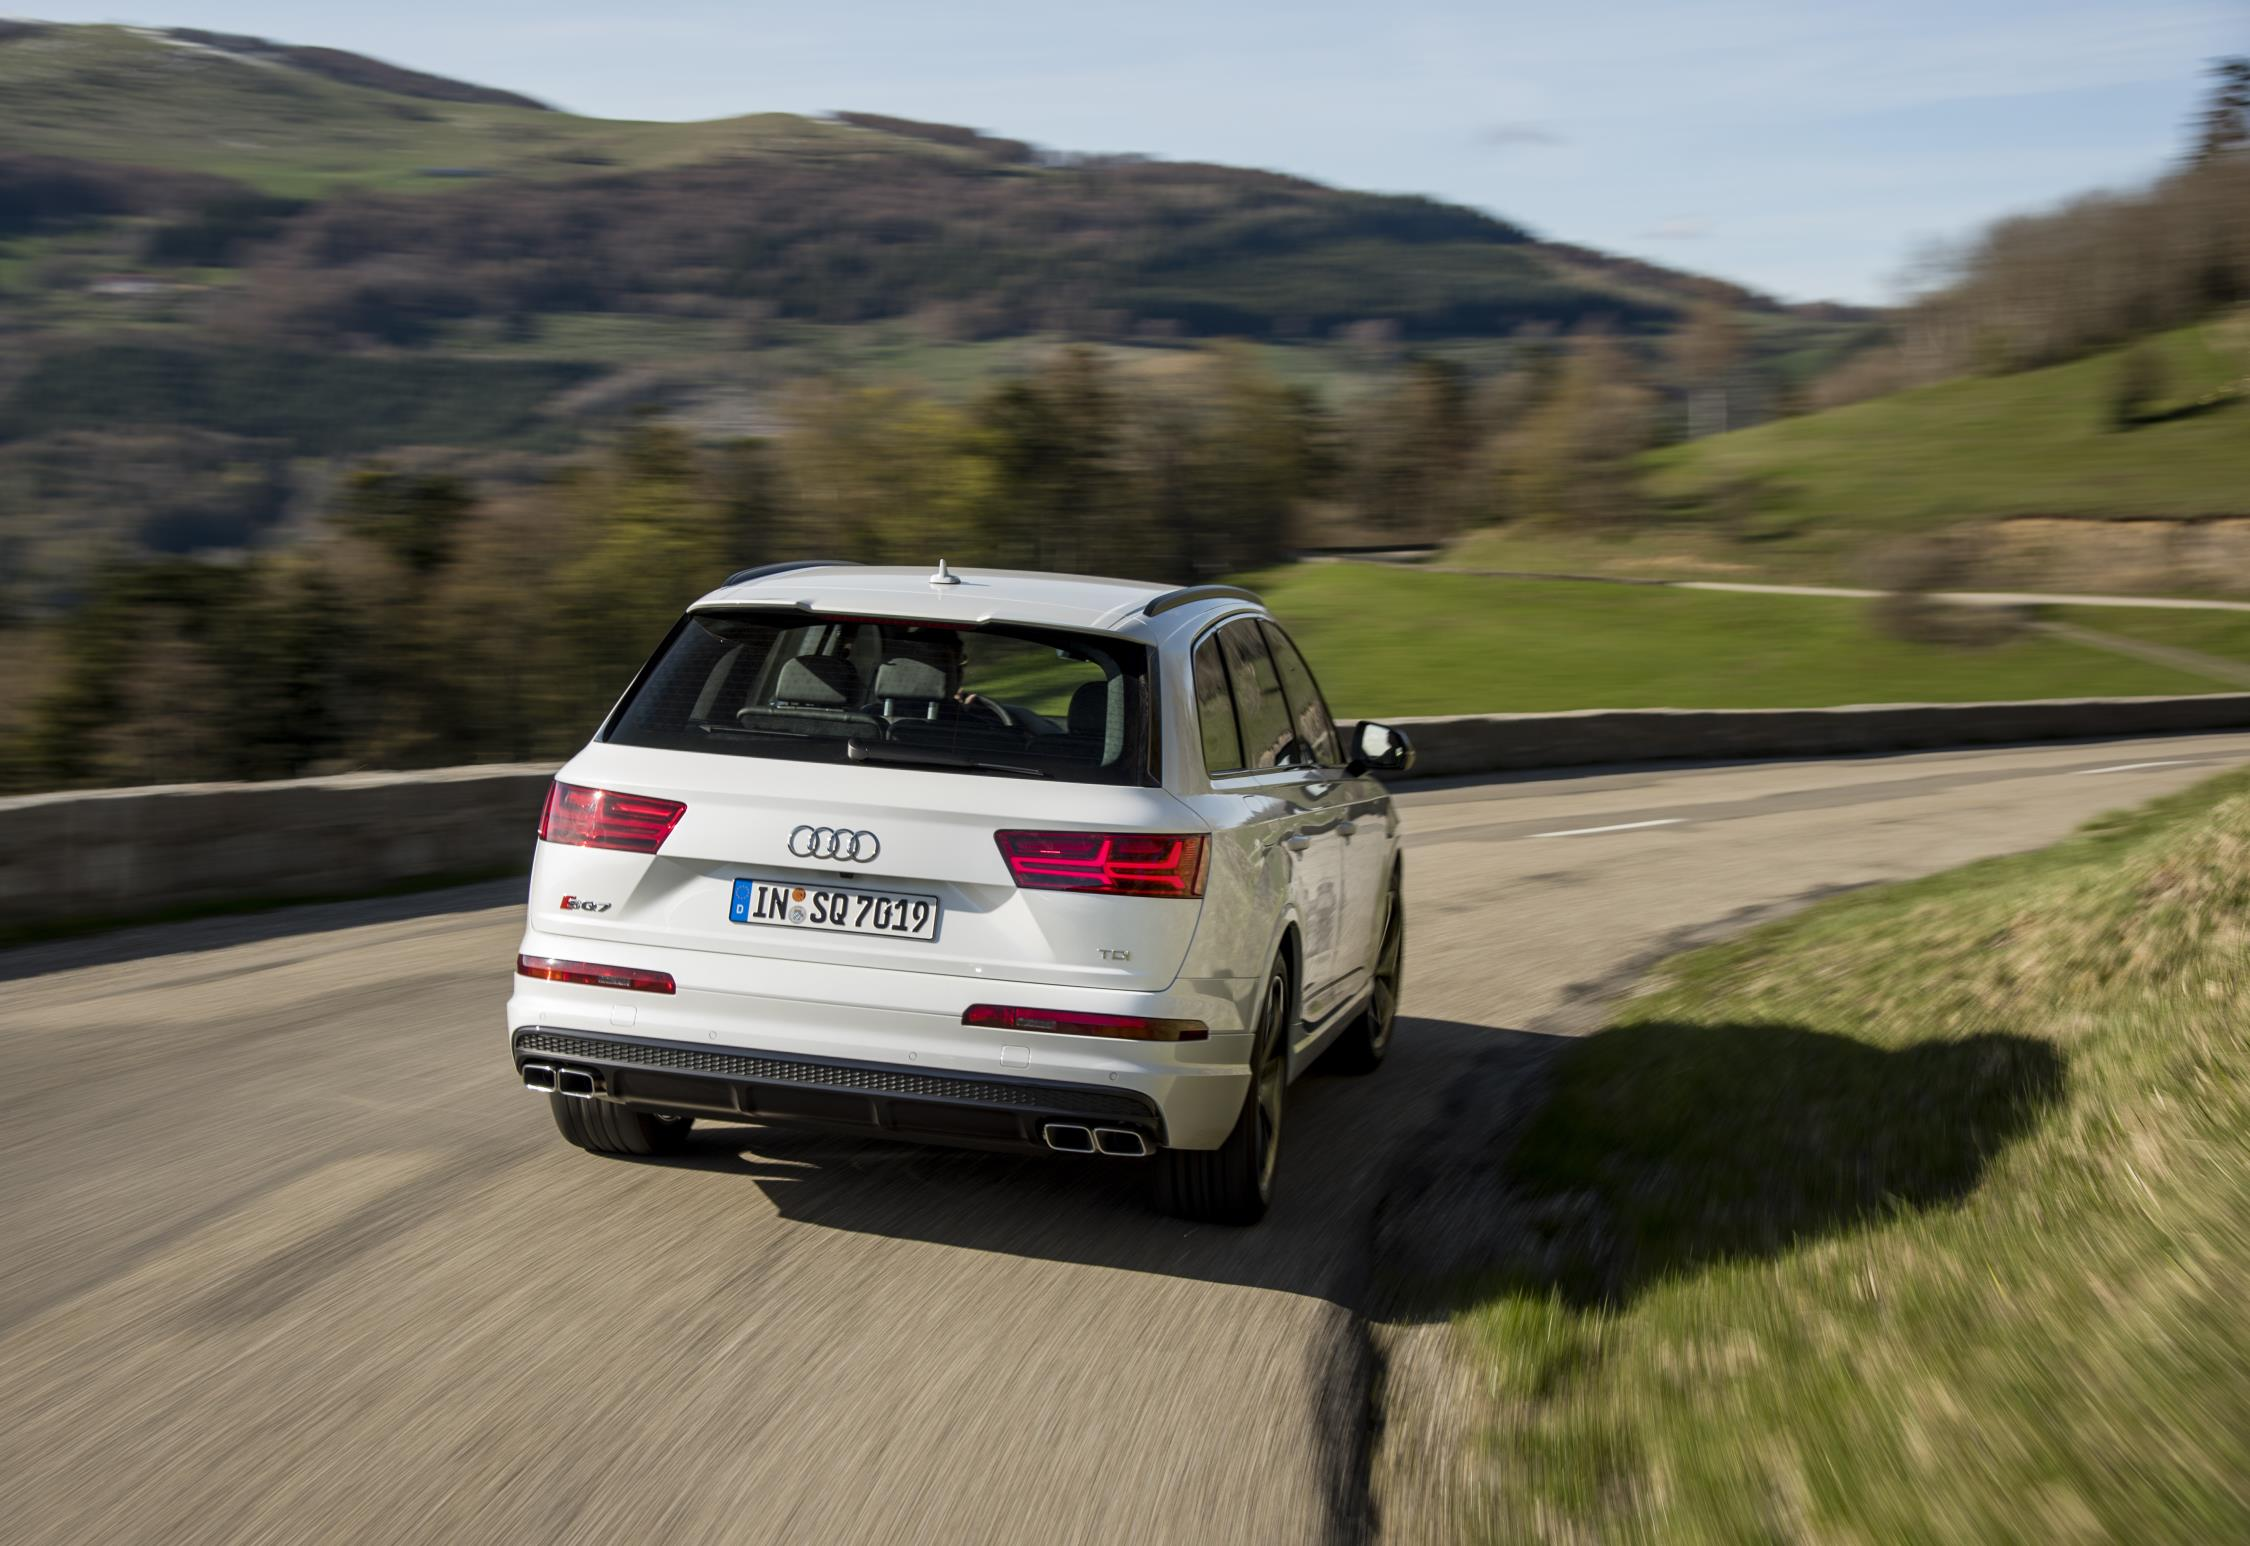 Llega el Audi SQ7 a España con 435 CV, 900 Nm de par y un precio al alcance de pocos: 110.970 euros 2